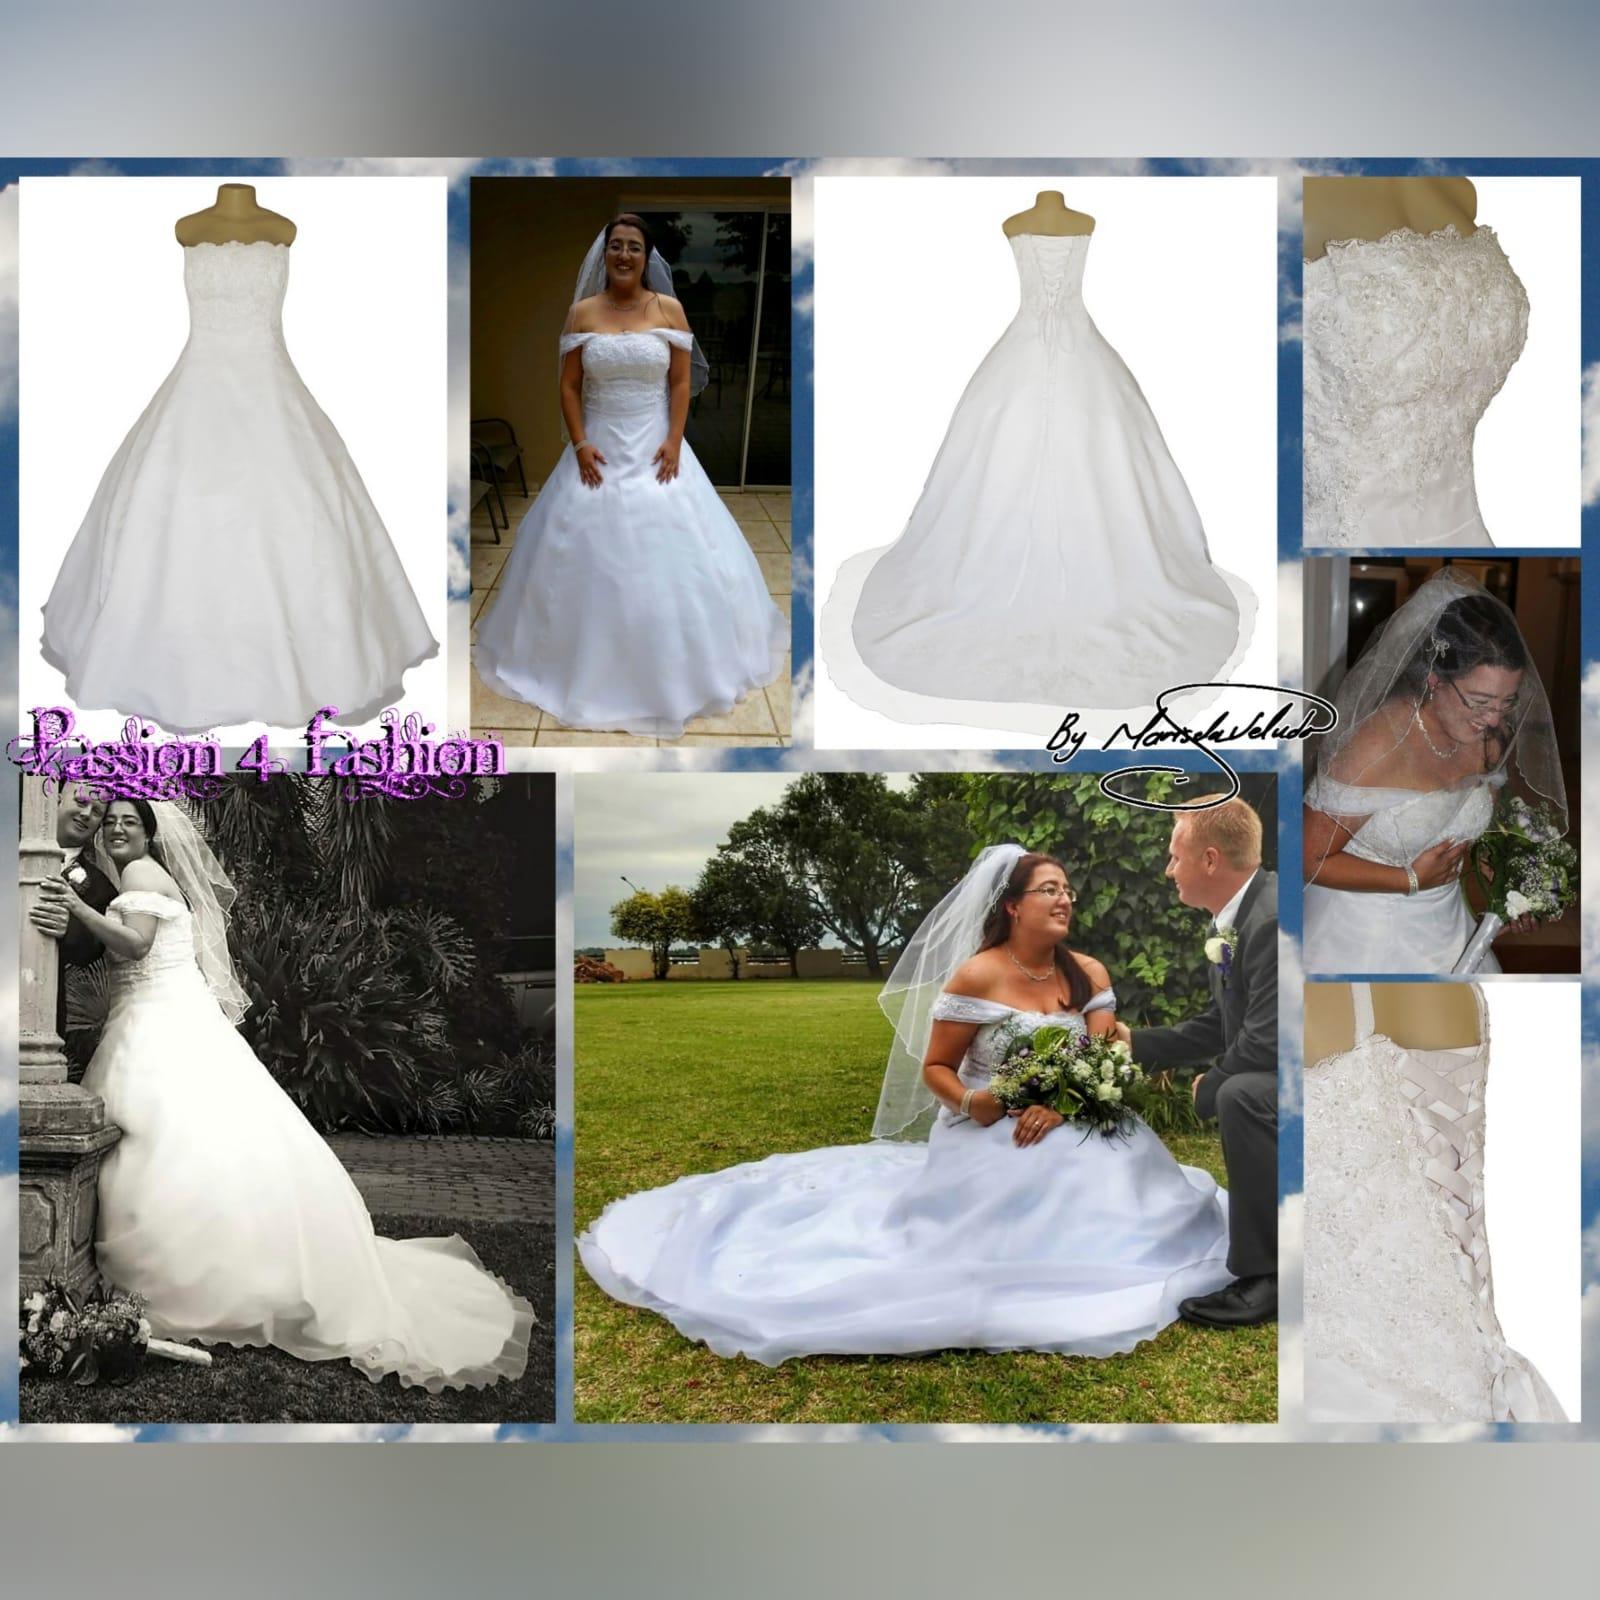 Organza vestido de noiva branco 6 vestido de baile de casamento branco de organza, sem ombros. Corpete detalhado com renda. De costas com cordões. Com um cauda e ombro organza plissada detalhadas com rendas. Com véu.